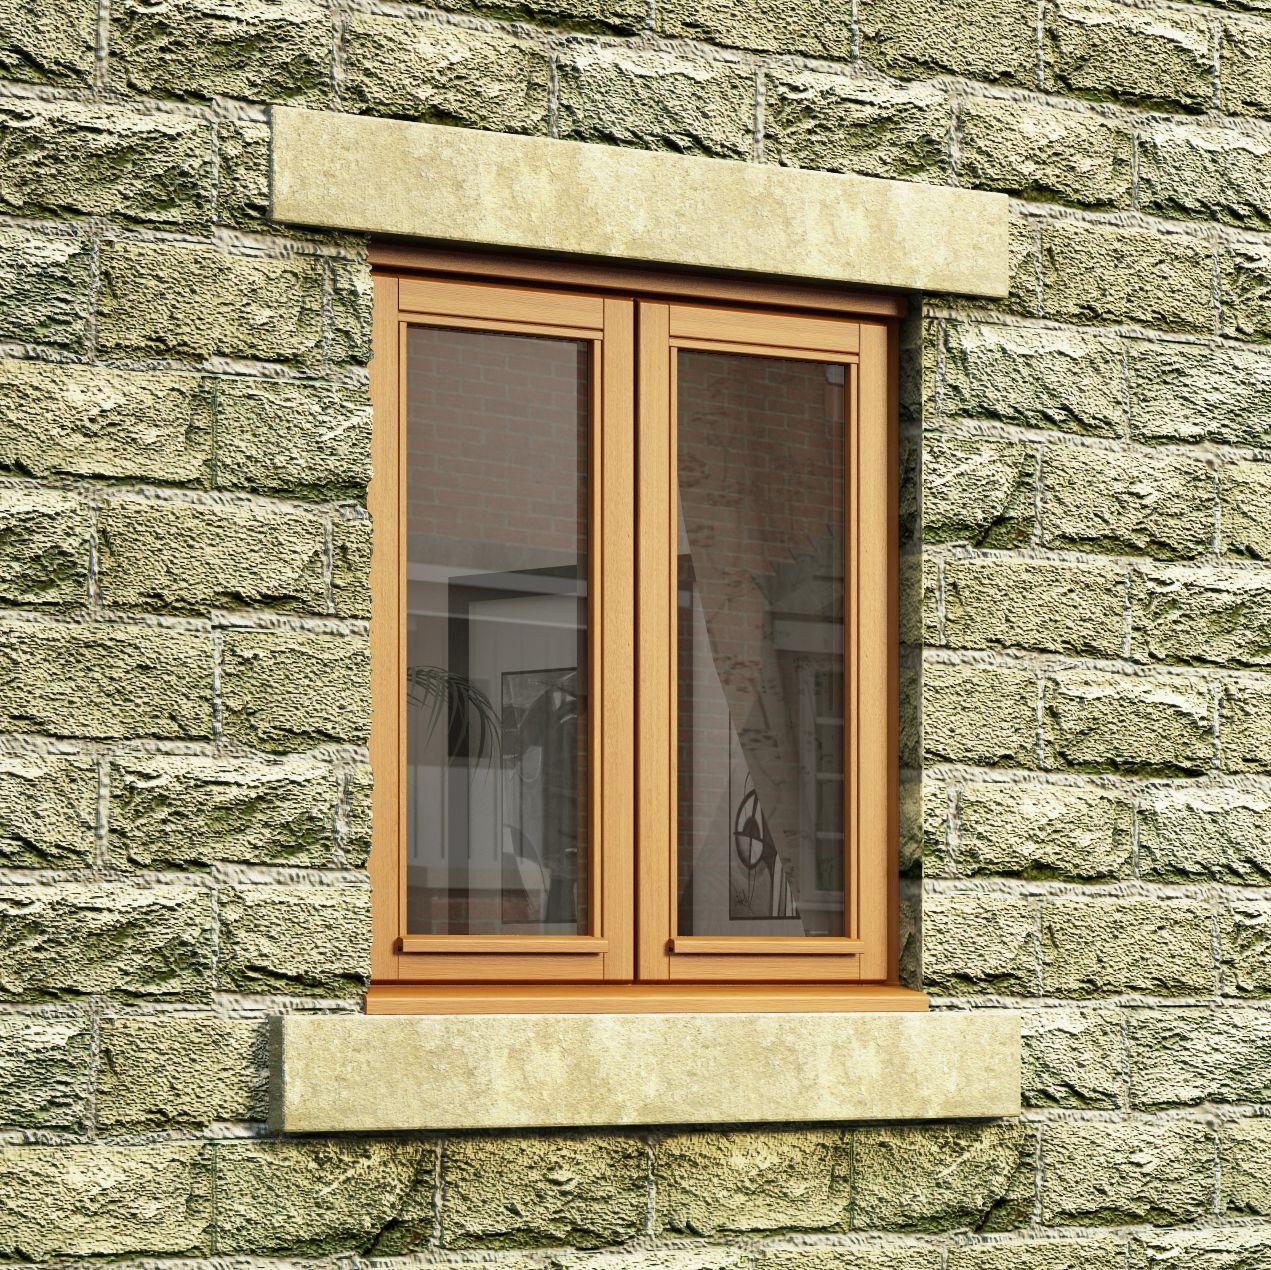 Double Glazed Windows Diy : Double glazed oak side hung casement window h